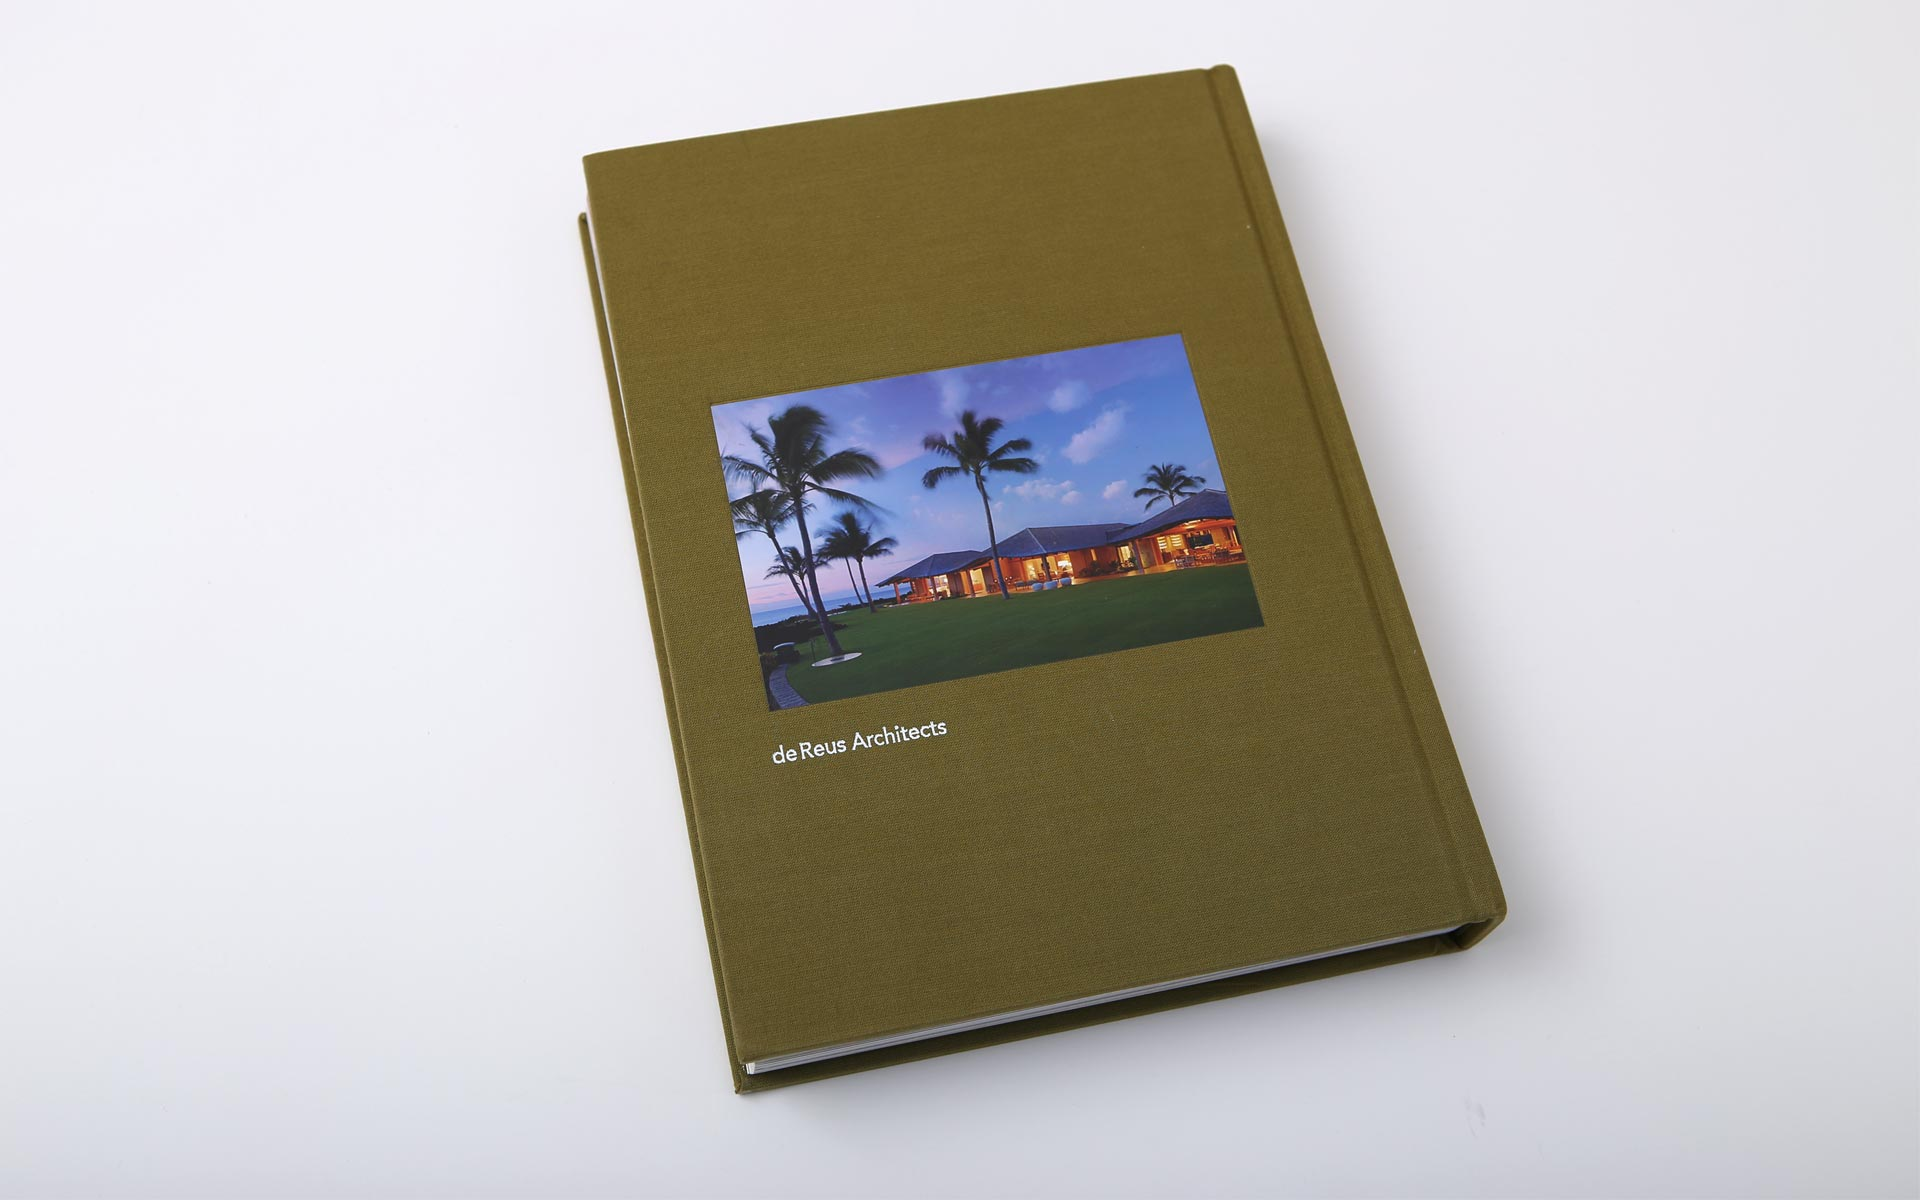 tropical-architecture-book-design-2